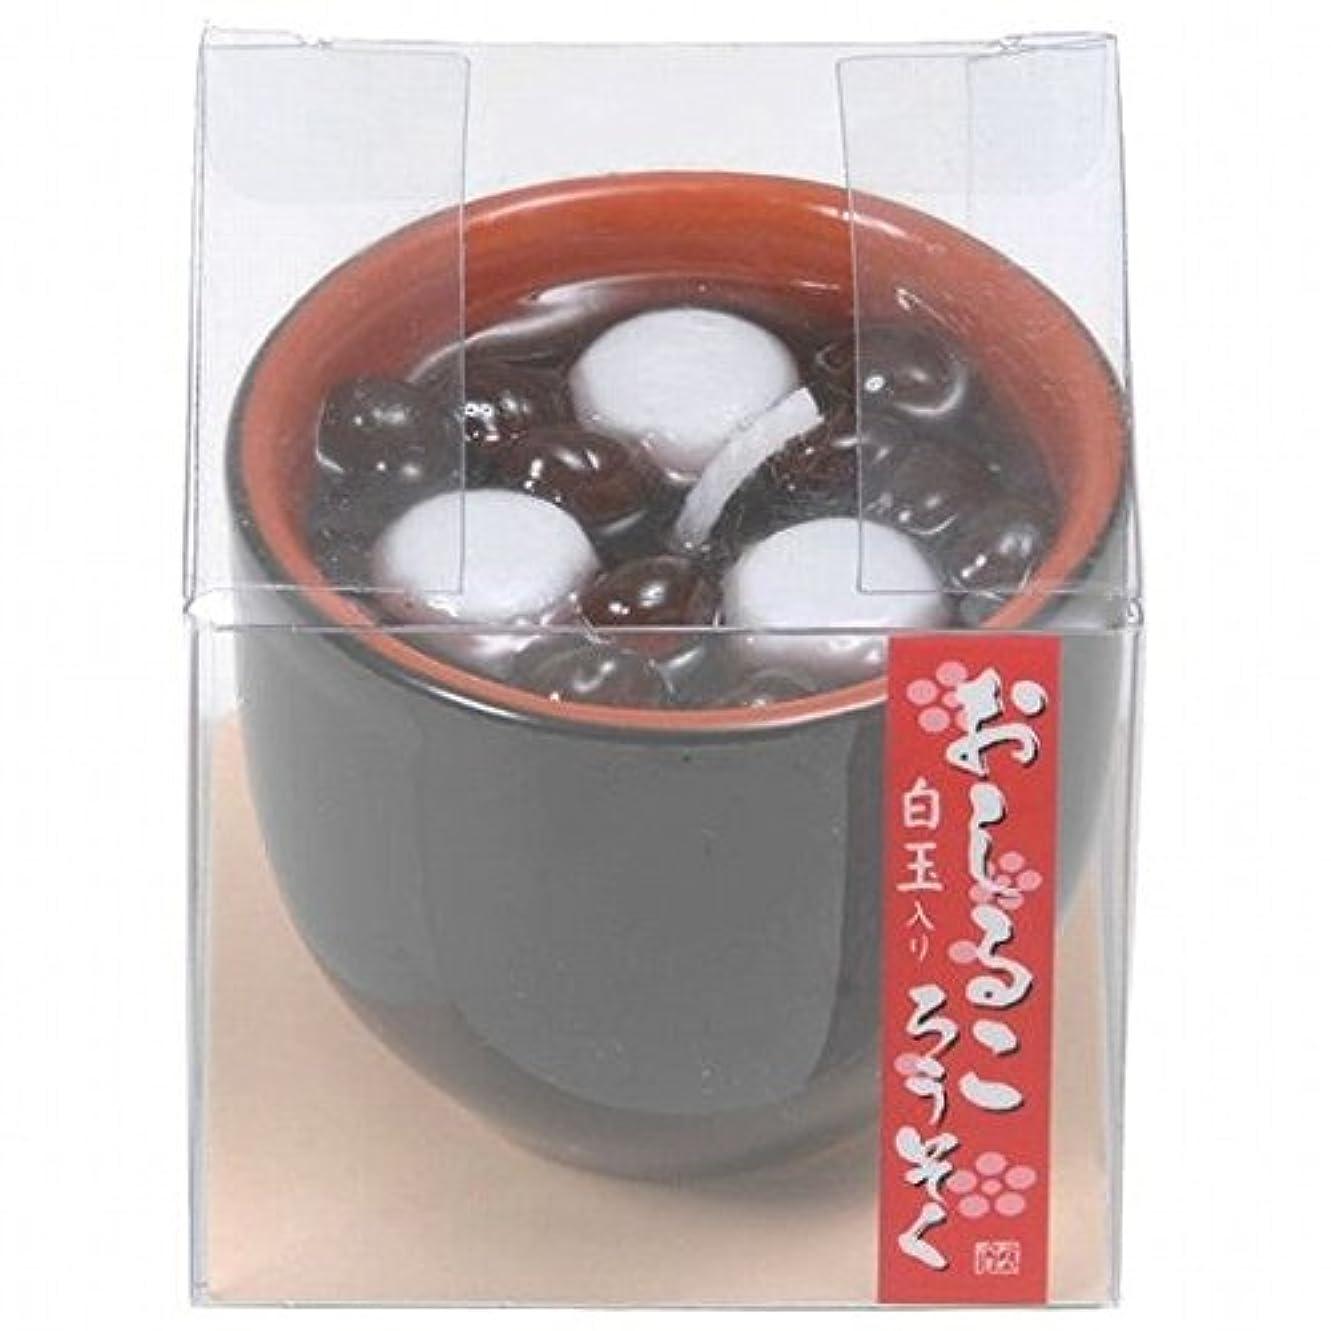 十年木曜日セマフォkameyama candle(カメヤマキャンドル) おしるころうそく キャンドル(86440000)